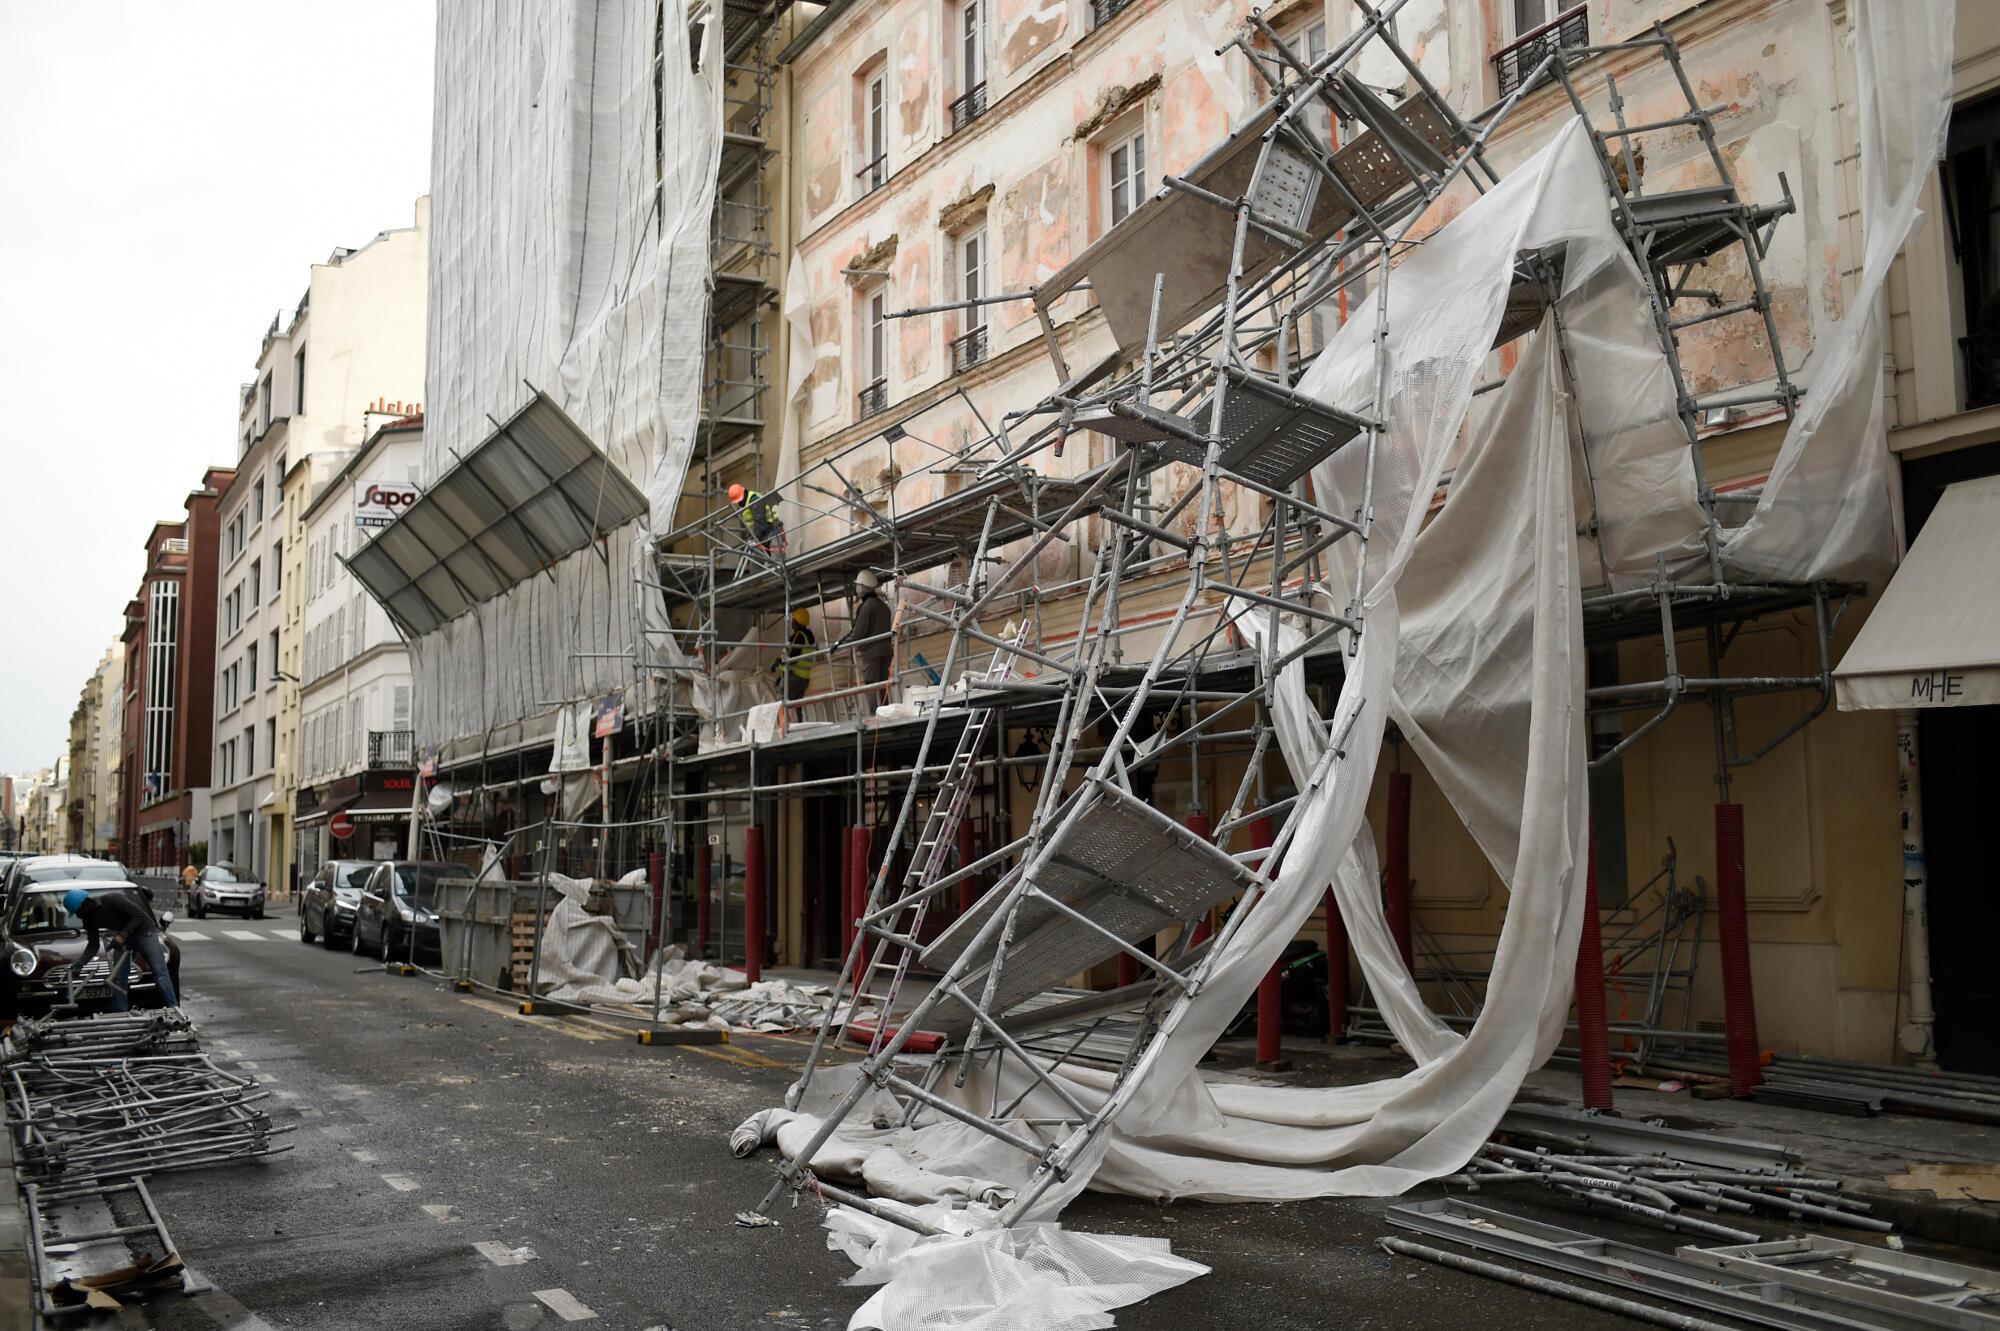 Os fortes ventos em Paris derrubaram um andaime no 17° distrito da capital francesa nessa quarta-feira (3).